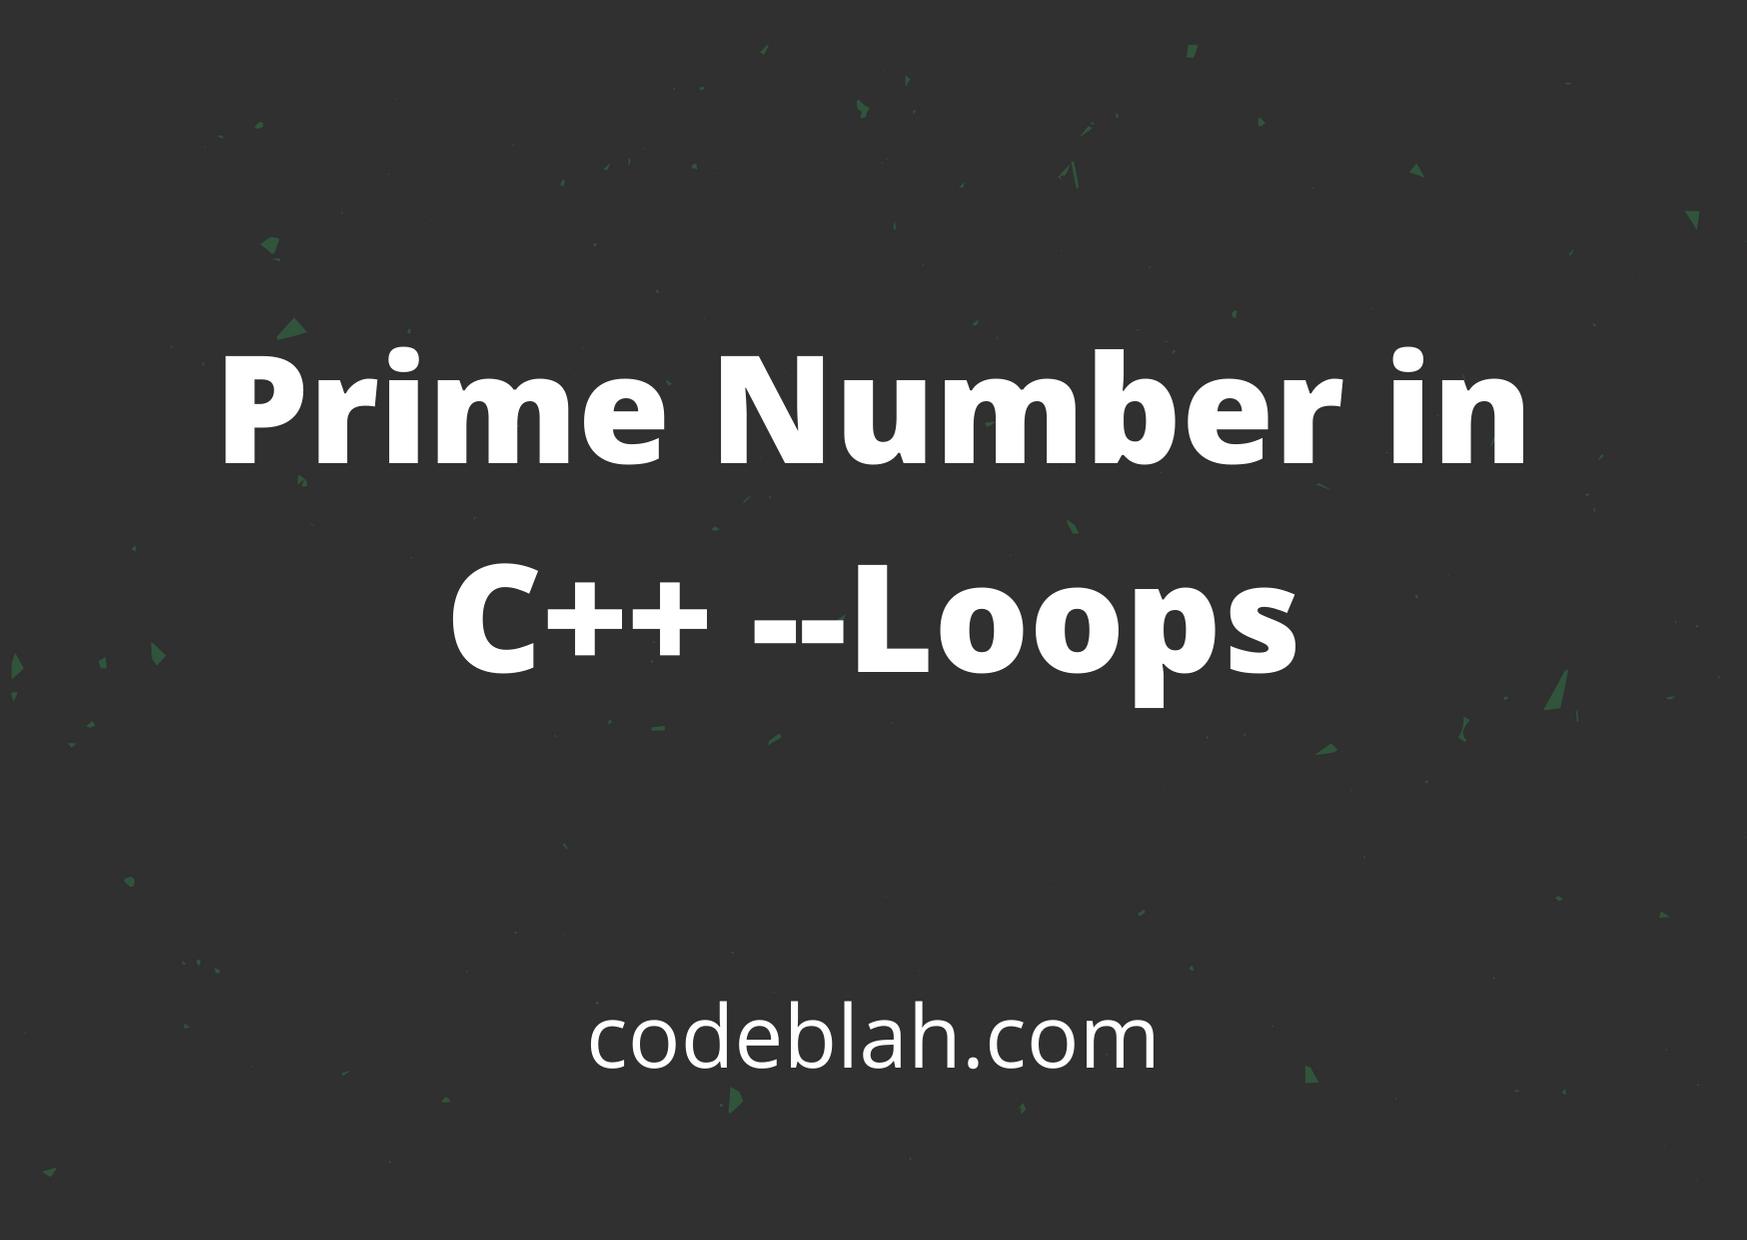 Prime Number in C++ --Loops